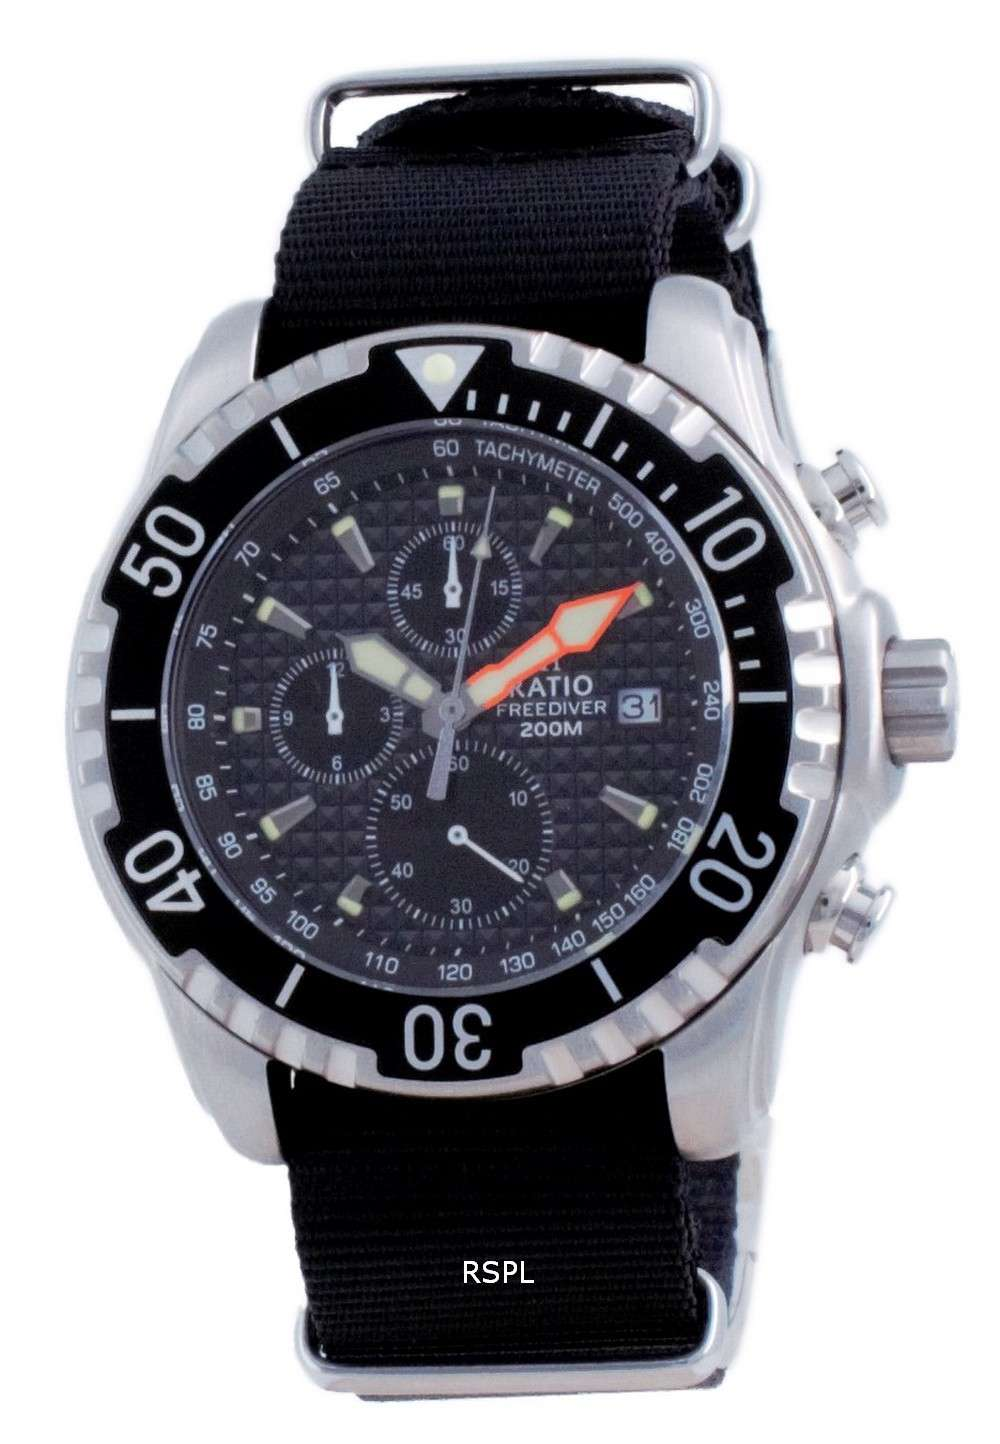 Ratio Free Diver Cronógrafo Nylon Quartz Diver&#39,s 48HA90-17-CHR-BLK-var-NATO4 200M Reloj para hombre